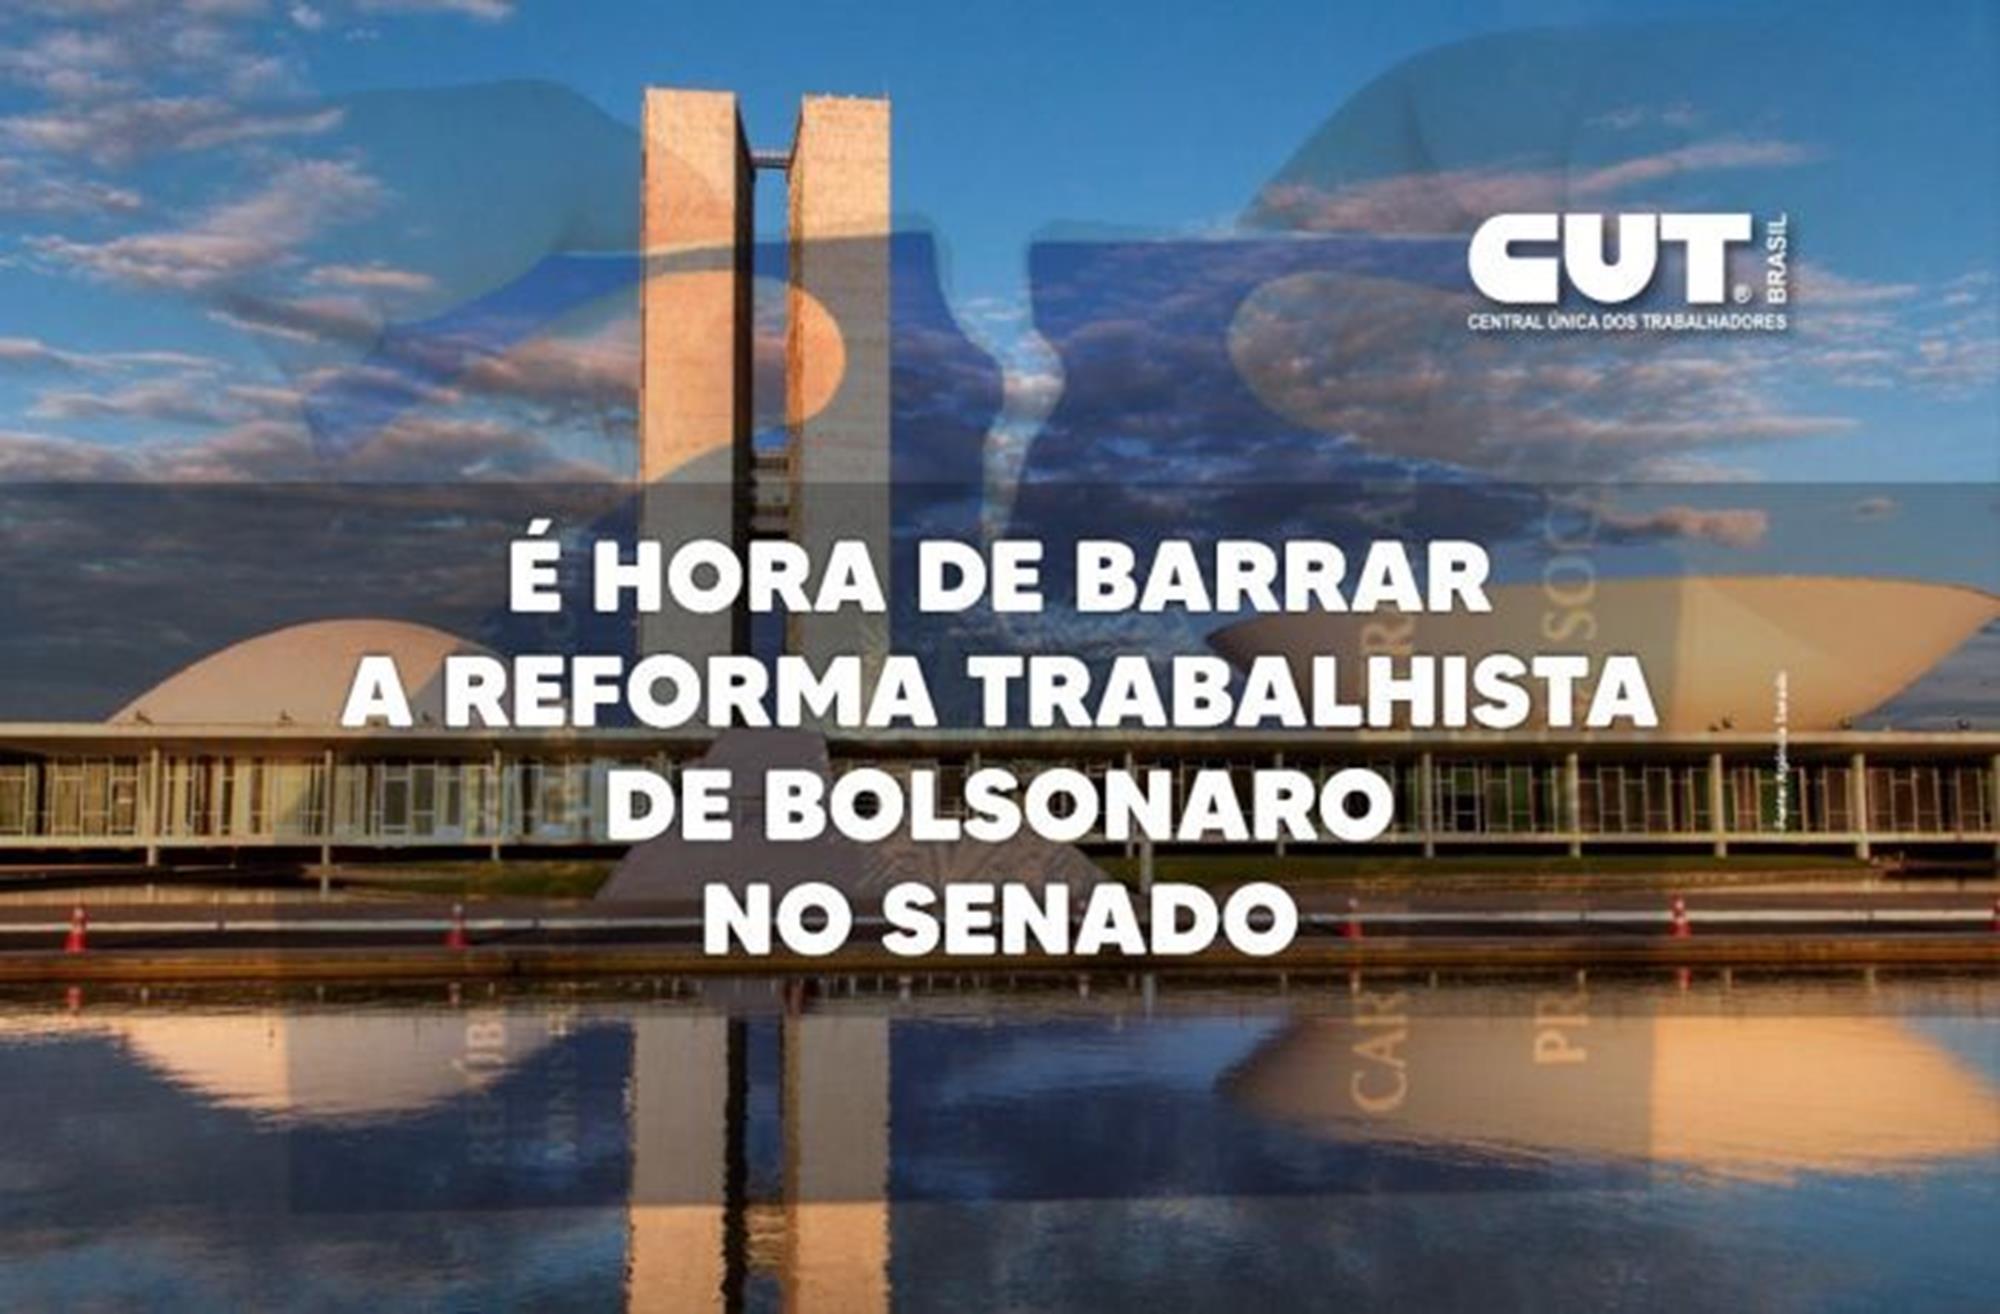 reforma, trabalhista, bolsonaro, senado, Divulgação